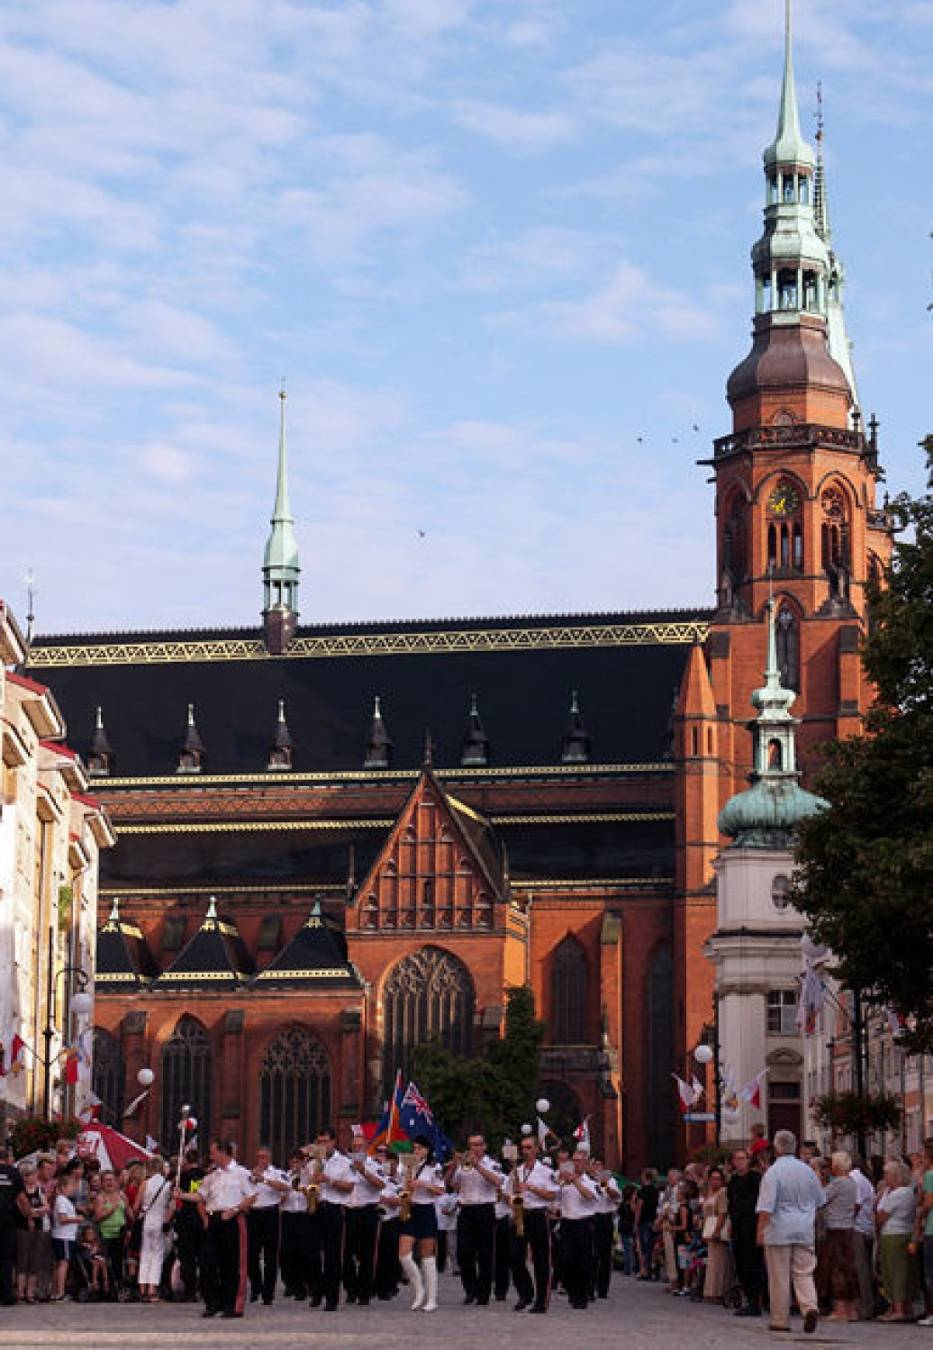 Młodzieżowe Mistrzostwa Świata w Łucznictwie uroczyście rozpoczęły się 22 sierpnia w centrum legnickiego rynku